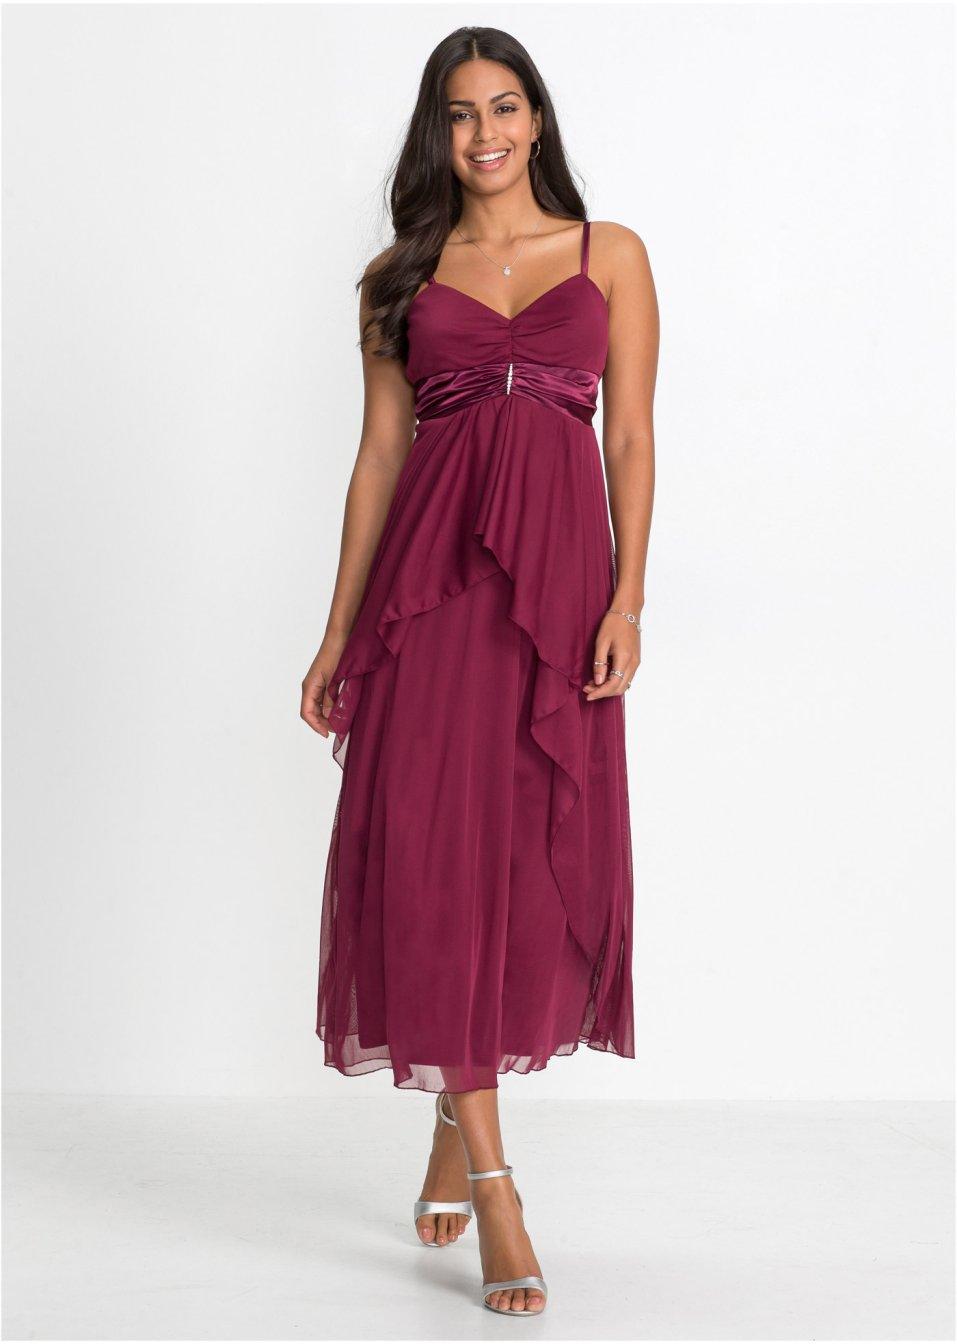 robe longue prune femme